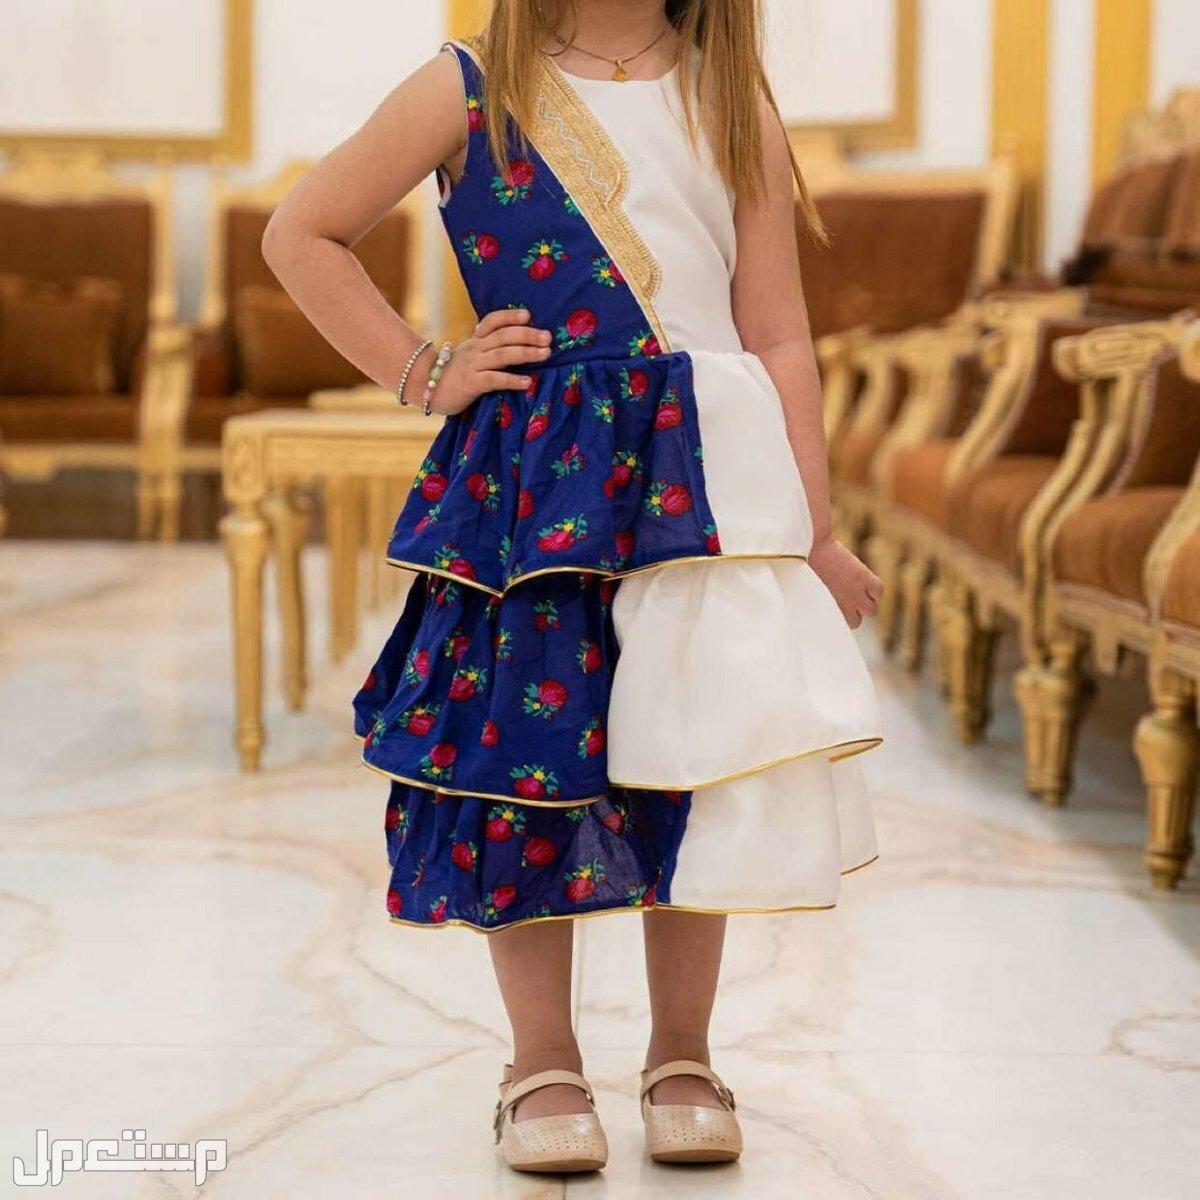 فستان بناتي مميز مع تطريز الاسم حسب الطلب # يوجد شحن لجميع المدن